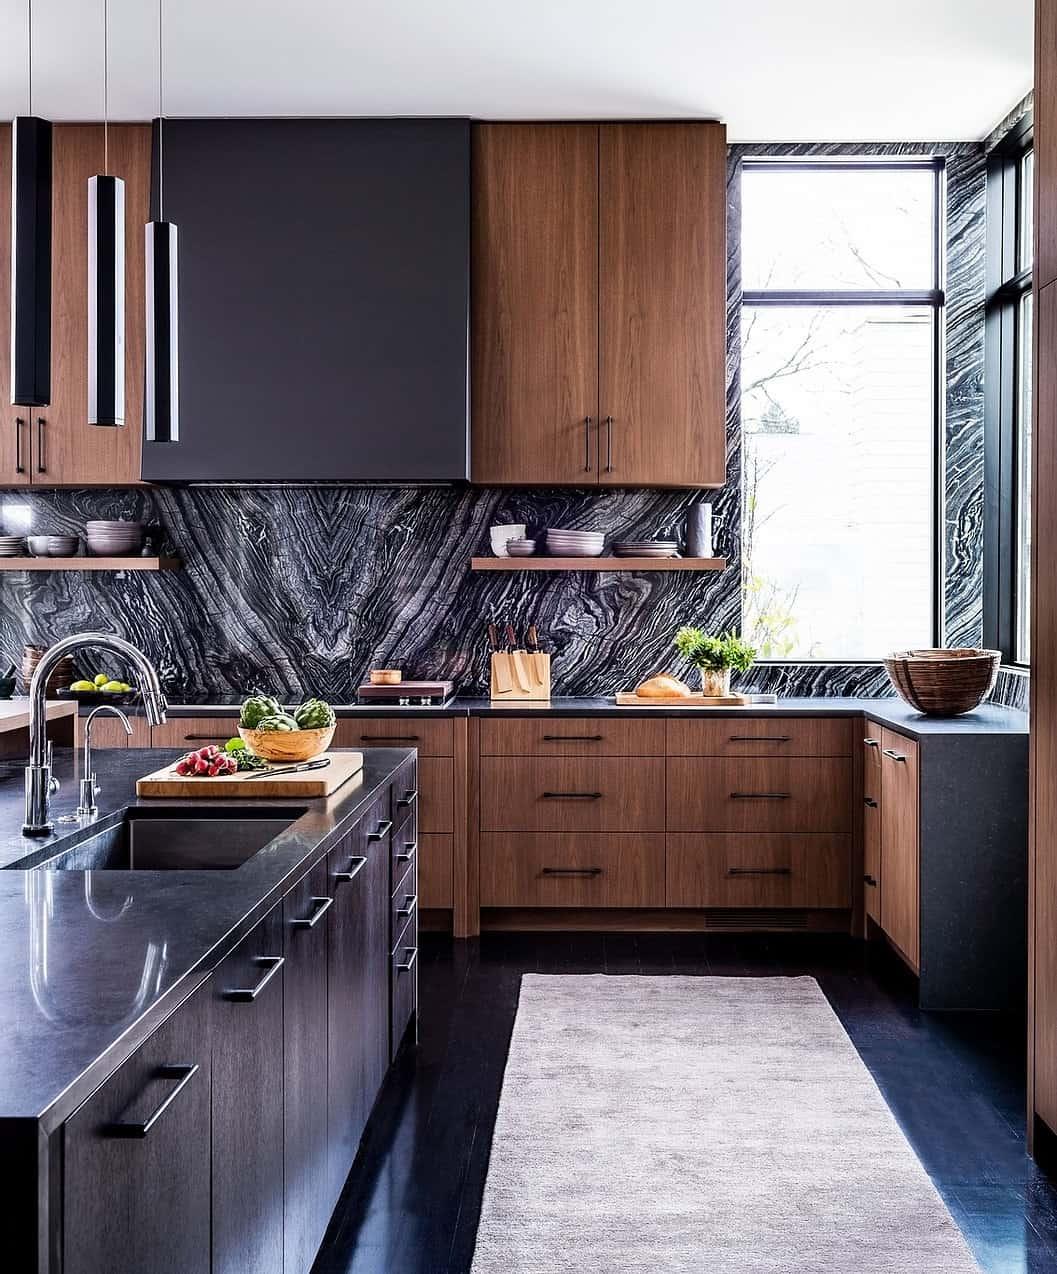 kuhinja u modernom-balijskom stilu